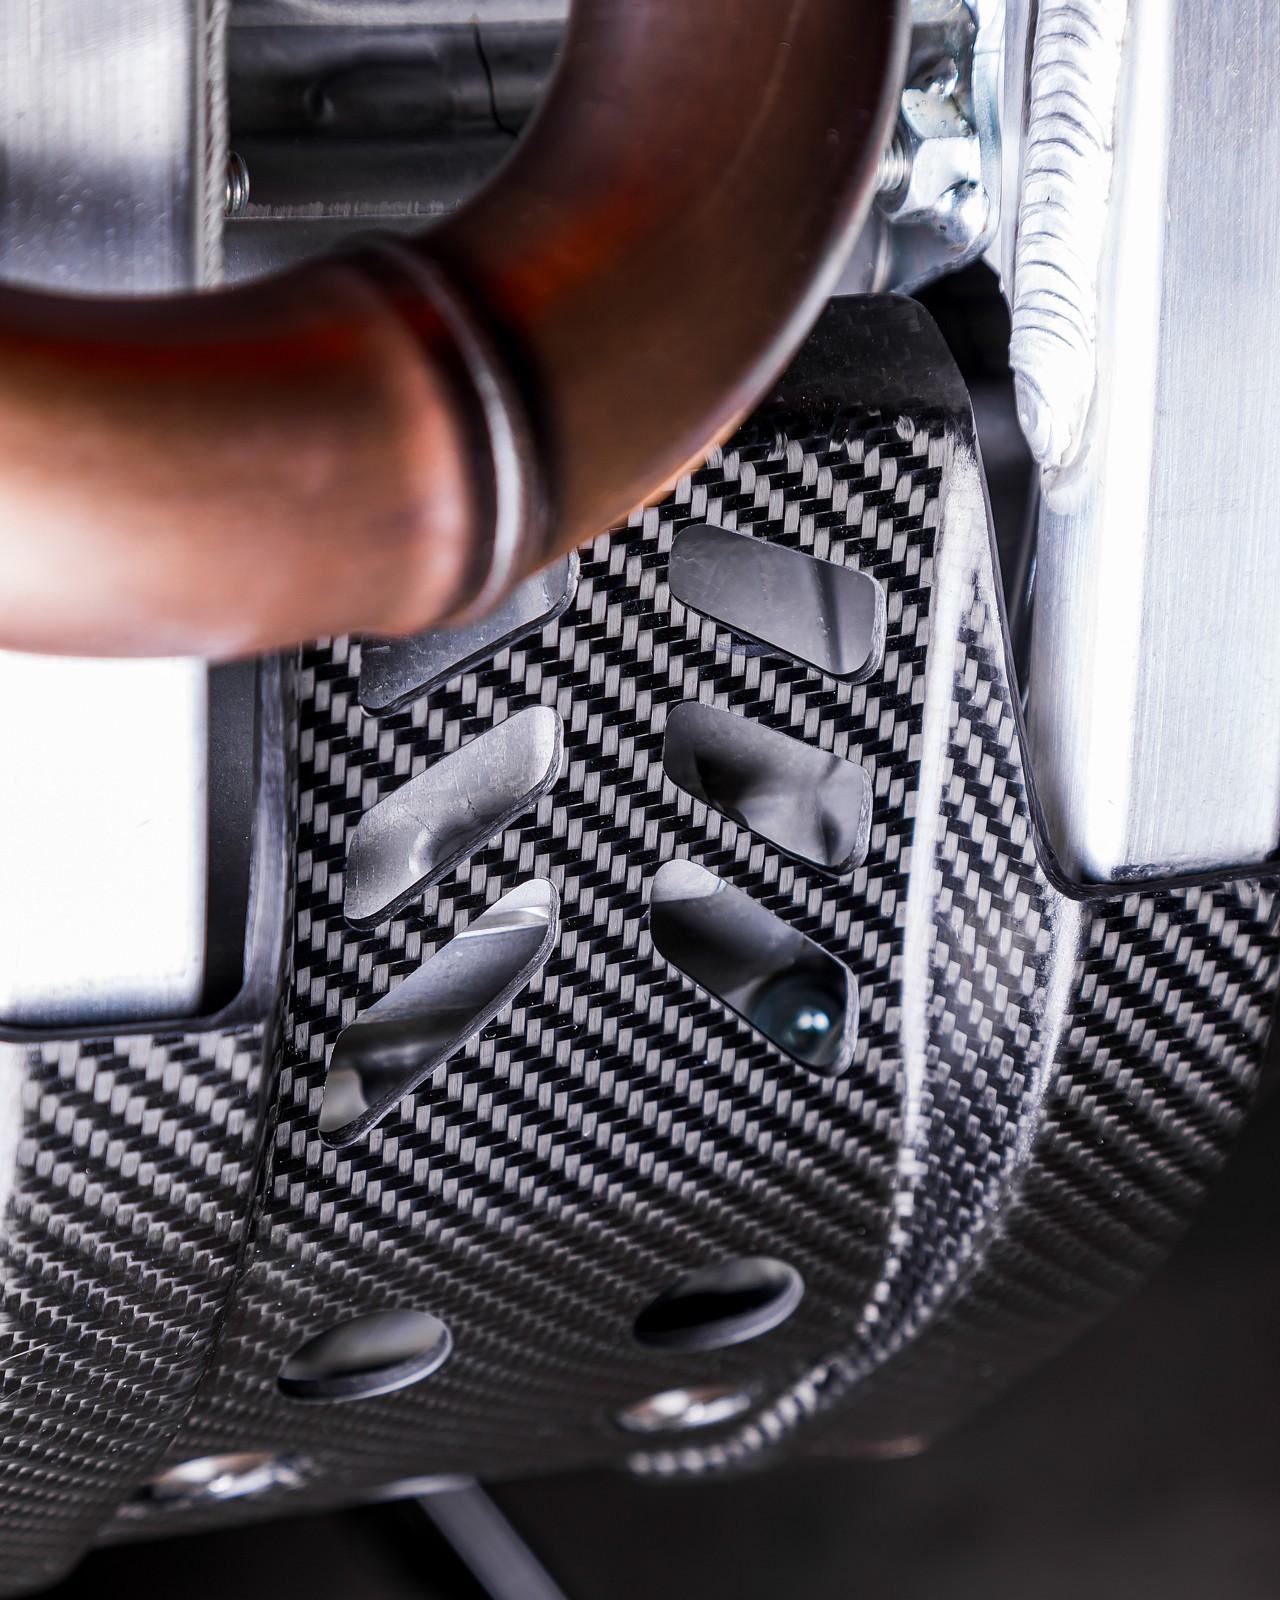 2021 crf450r skid plate - DDunn86 - Motocross Pictures - Vital MX